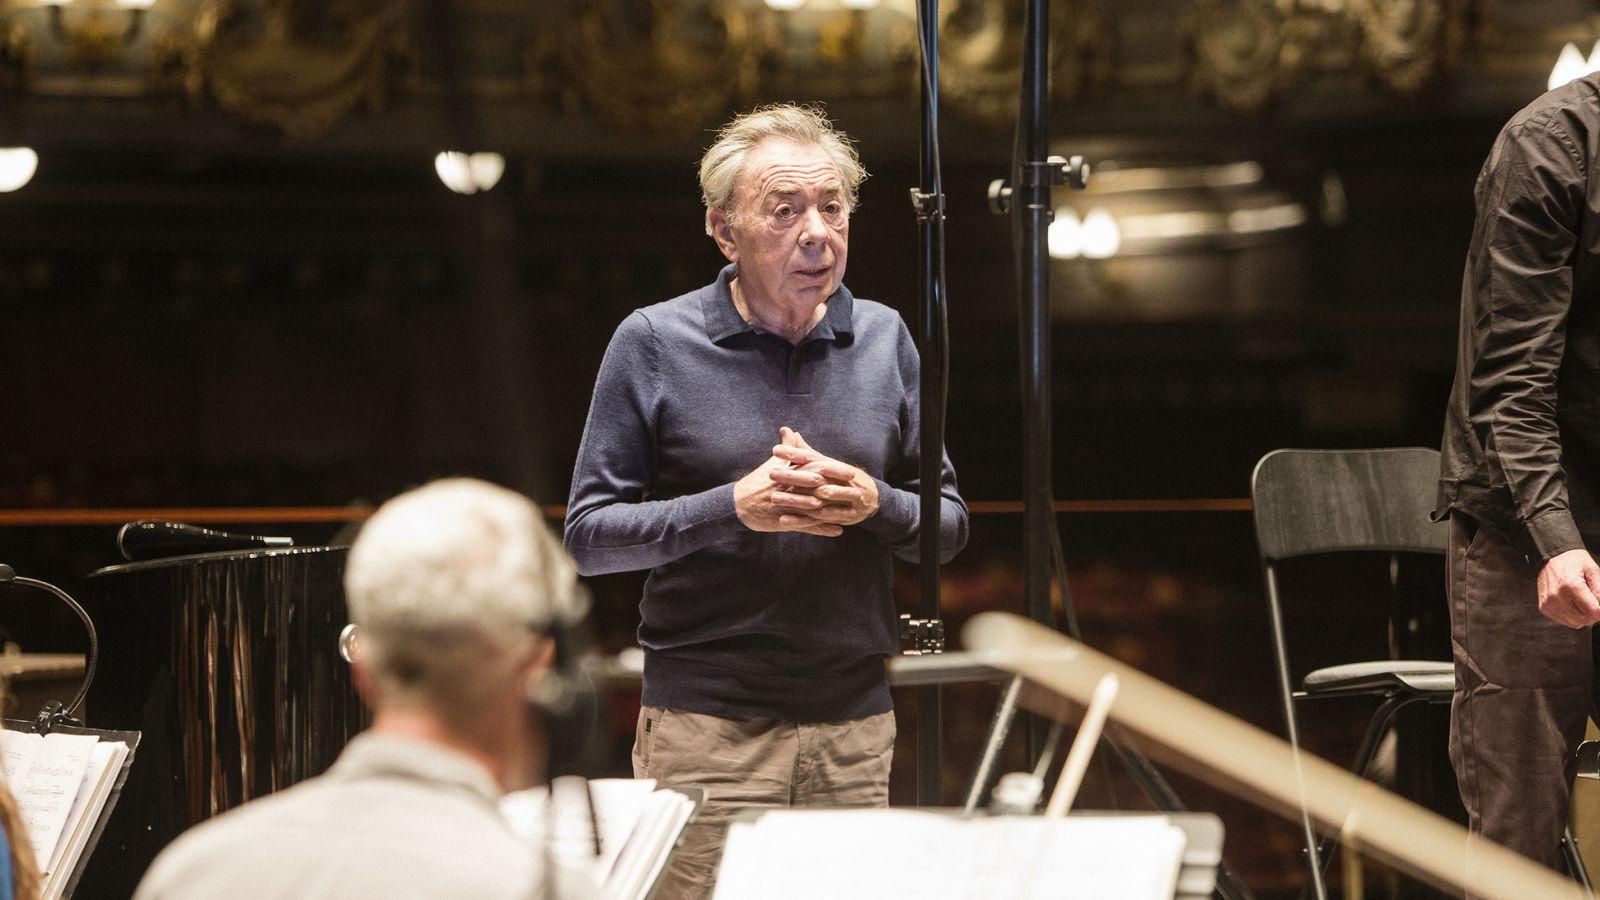 Andrew Lloyd Webber menghidupkan kembali Theatre Royal Drury Lane untuk album baru |  Berita Ents & Arts